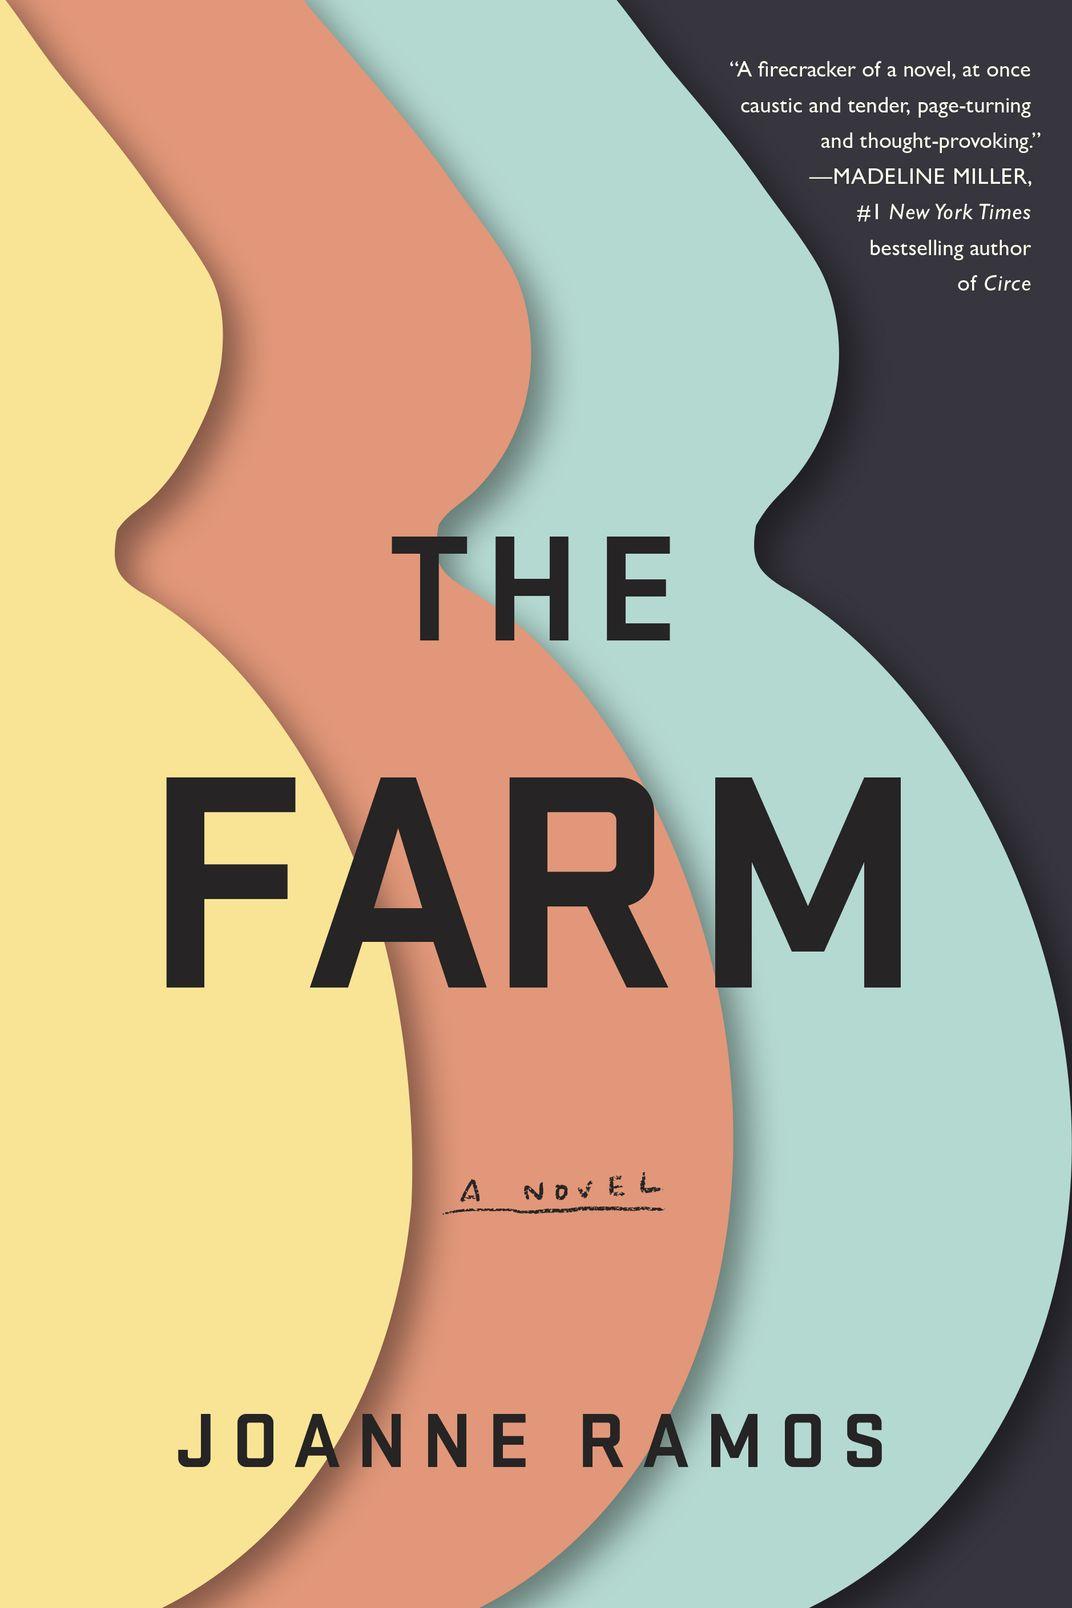 The Farm, by Joanne Ramos (Random House, May 7)